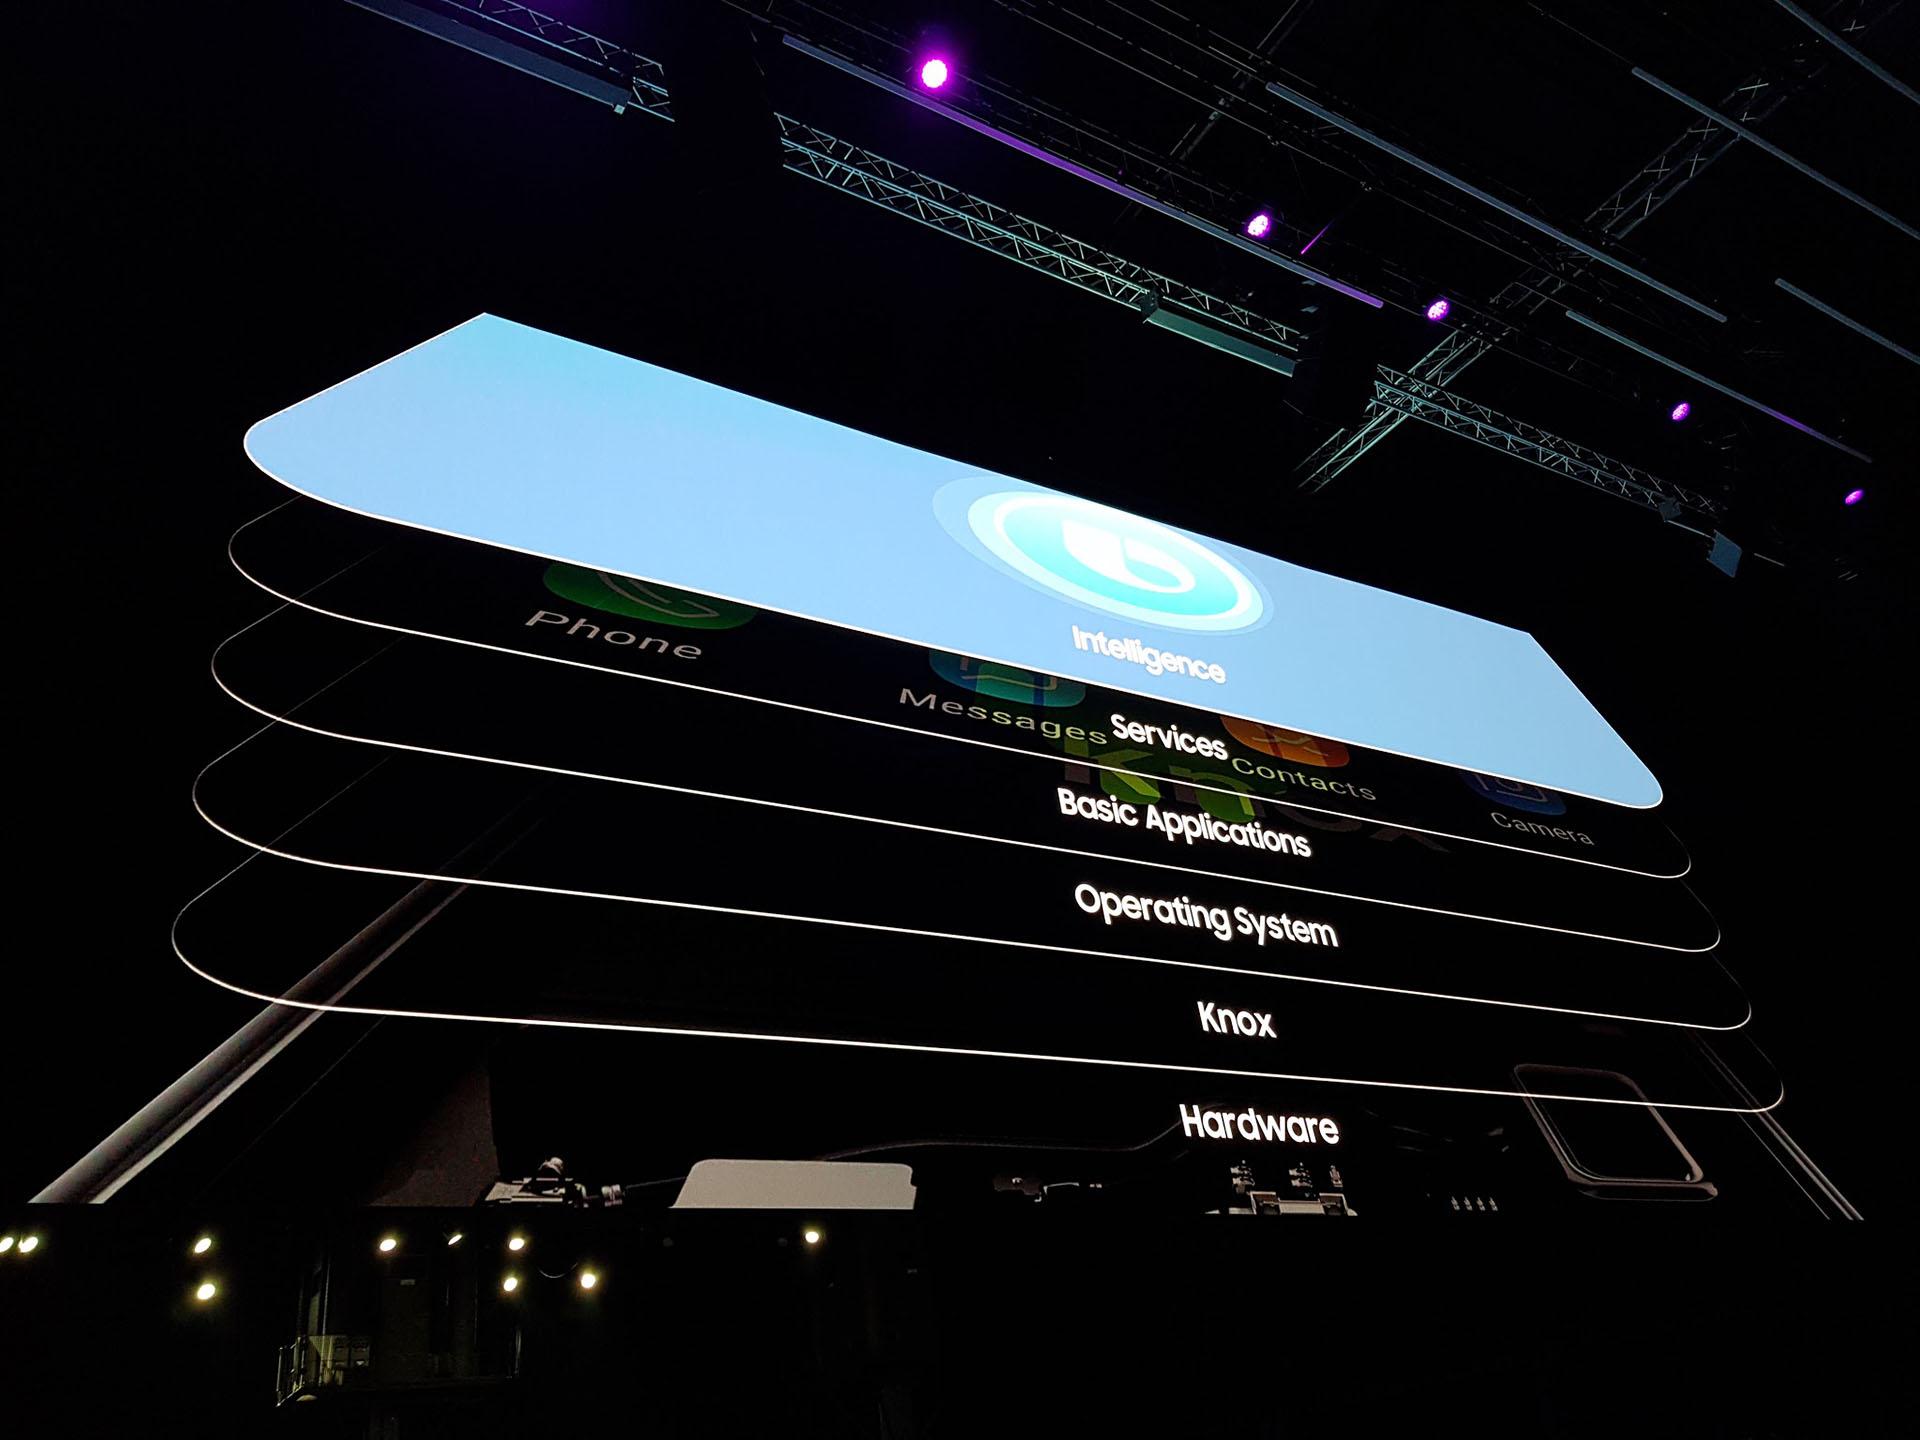 Con los nuevos productos de Samsung se podrá grabar videos en súper cámara lenta (960 fotogramas por segundo). El sonido es envolvente con parlantes estéreo sintonizados por AKG y los smartphones son compatibles con la nueva app SmartThings, desde donde se pueden gestionar los diferentes dispositivos conectados del hogar o la oficina